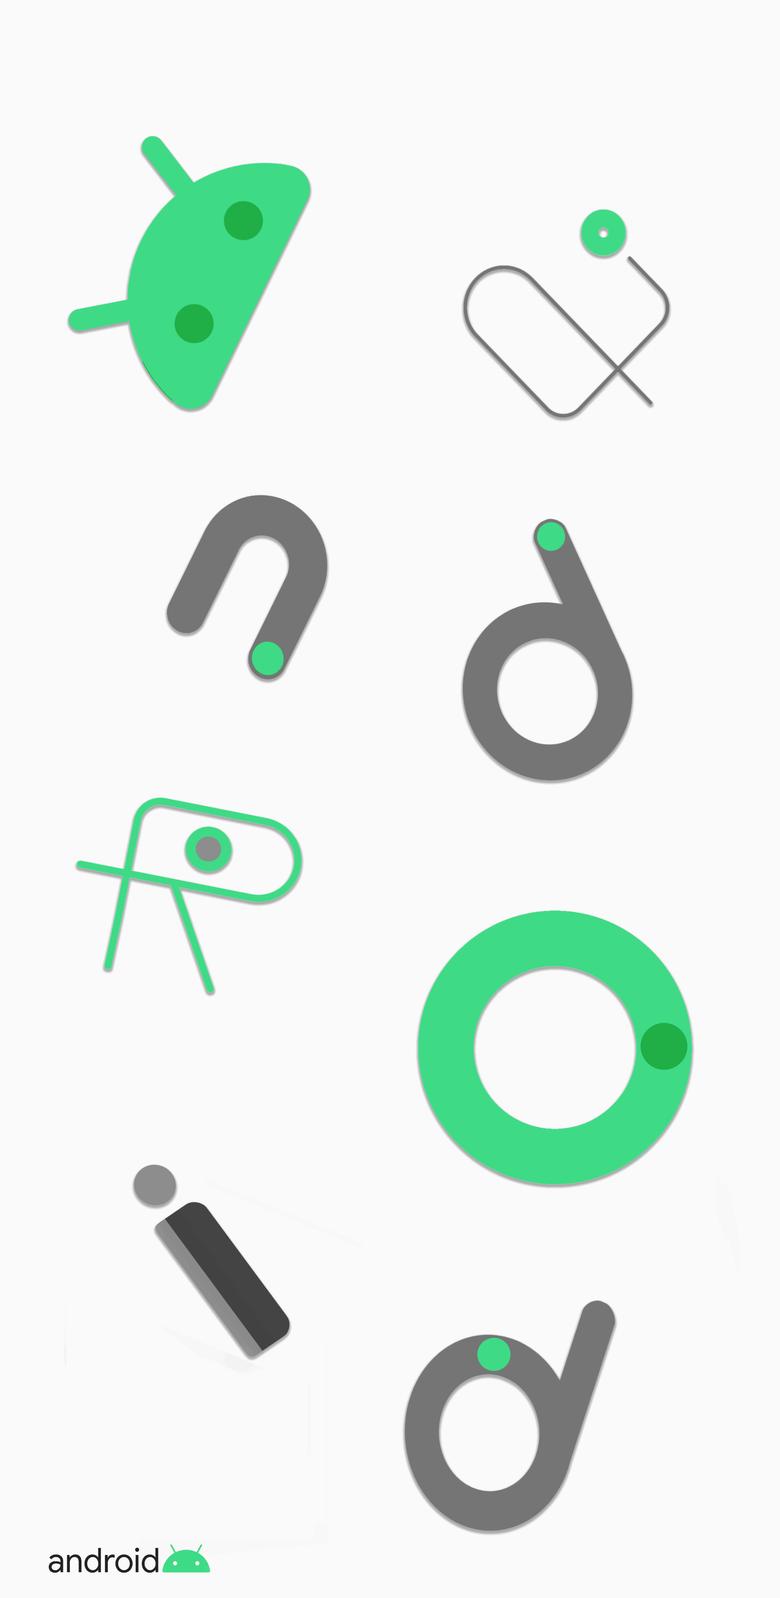 Google Pixel 4 Wallpapers